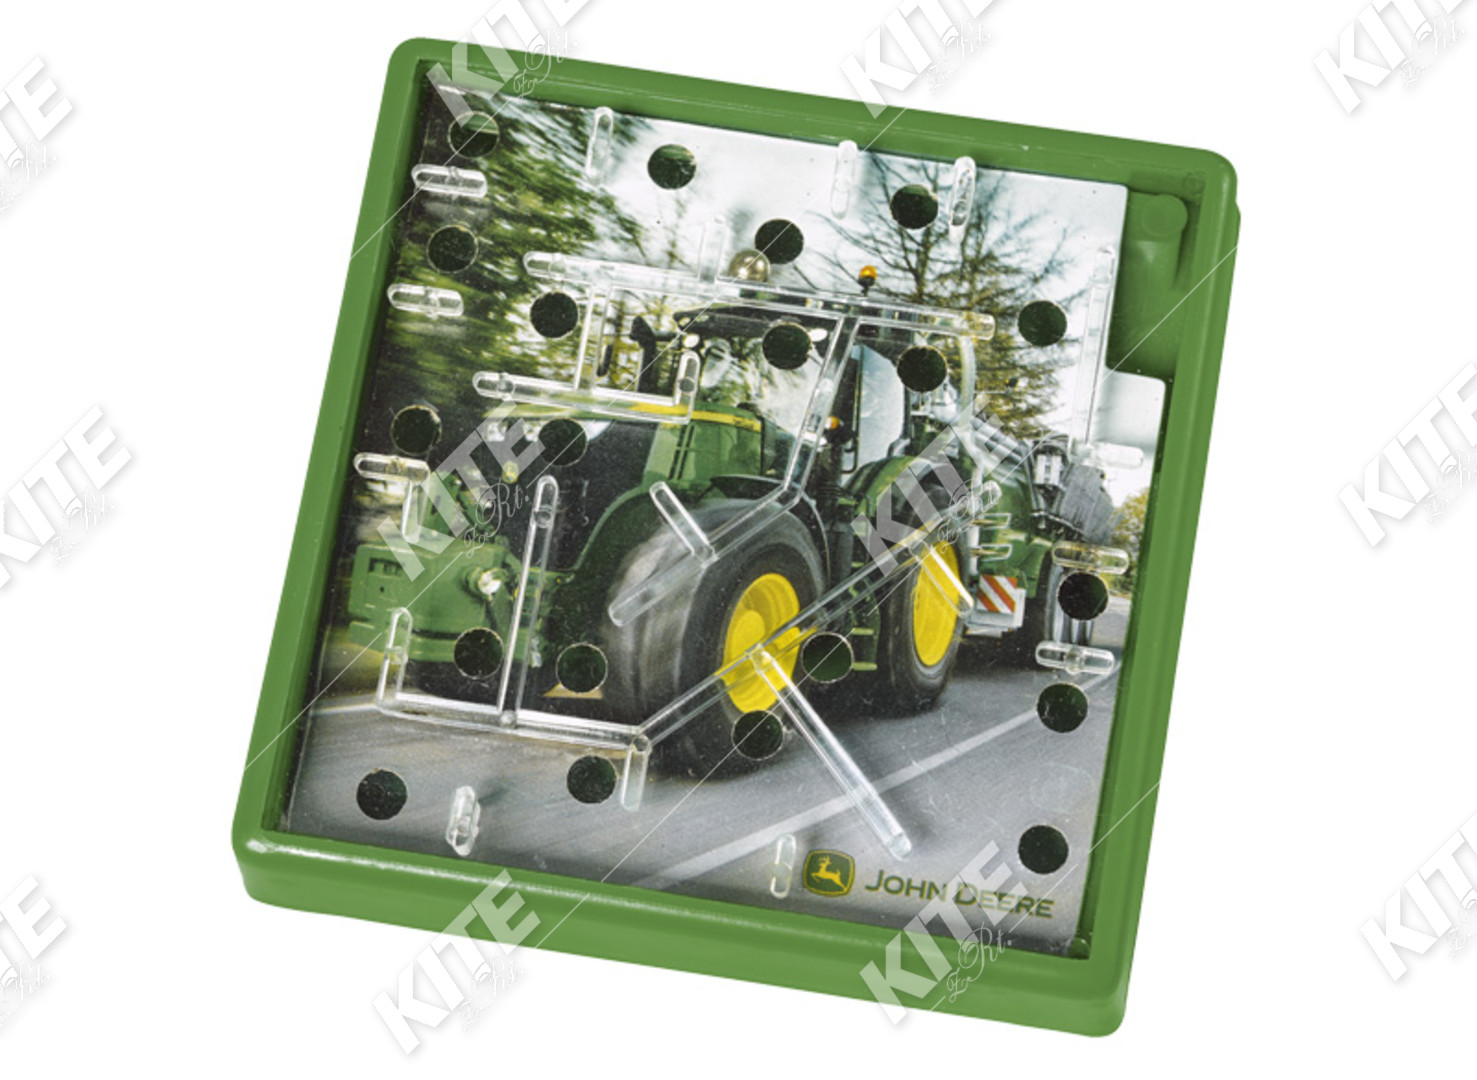 John Deere labirintus játék